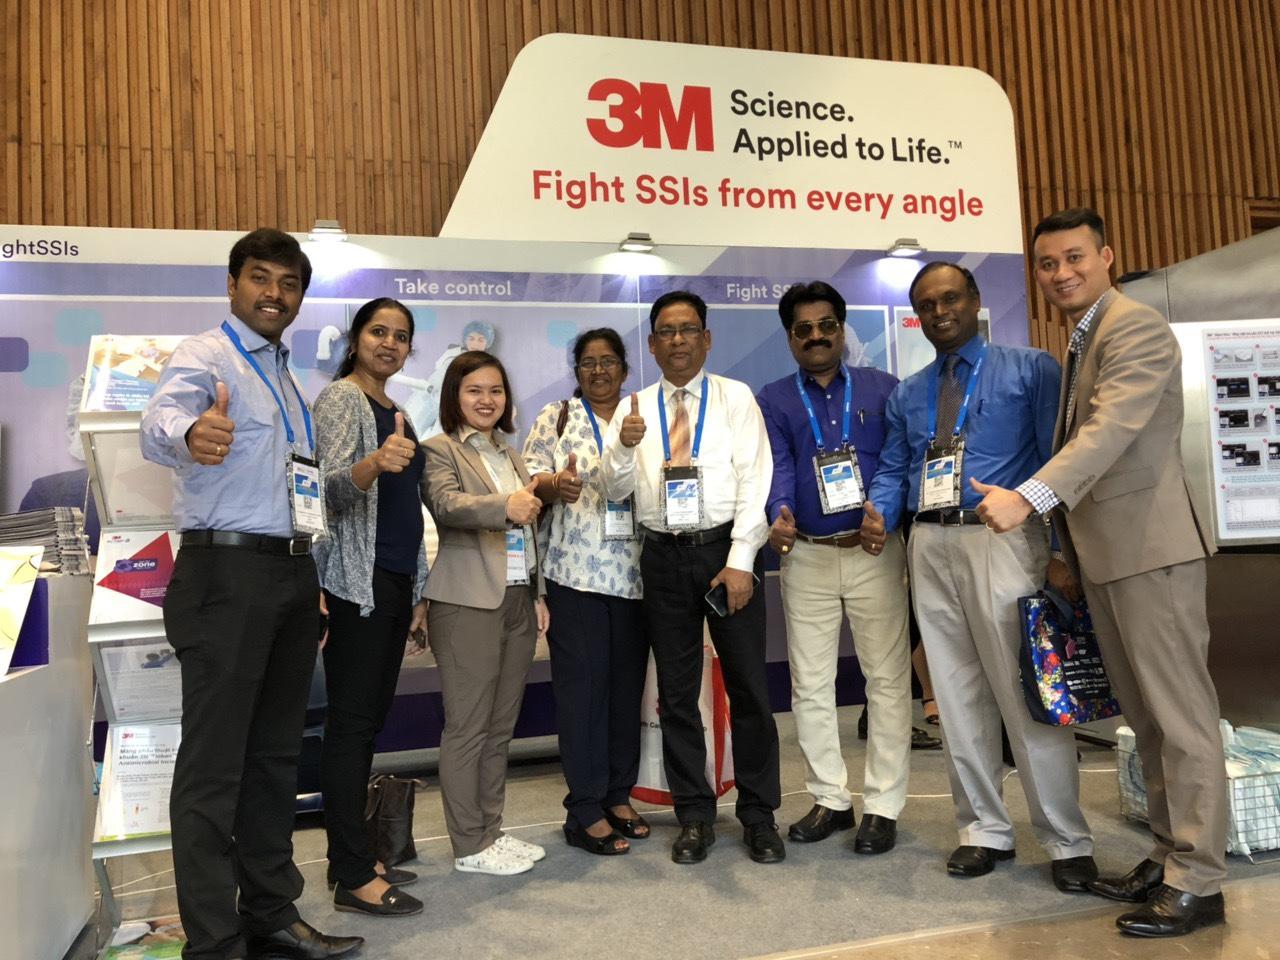 3M đồng hành cùng các chuyên gia y tế trong khu vực tại Hội nghị thường niên về Kiểm soát nhiễm khuẩn lần thứ 9 (APSIC)